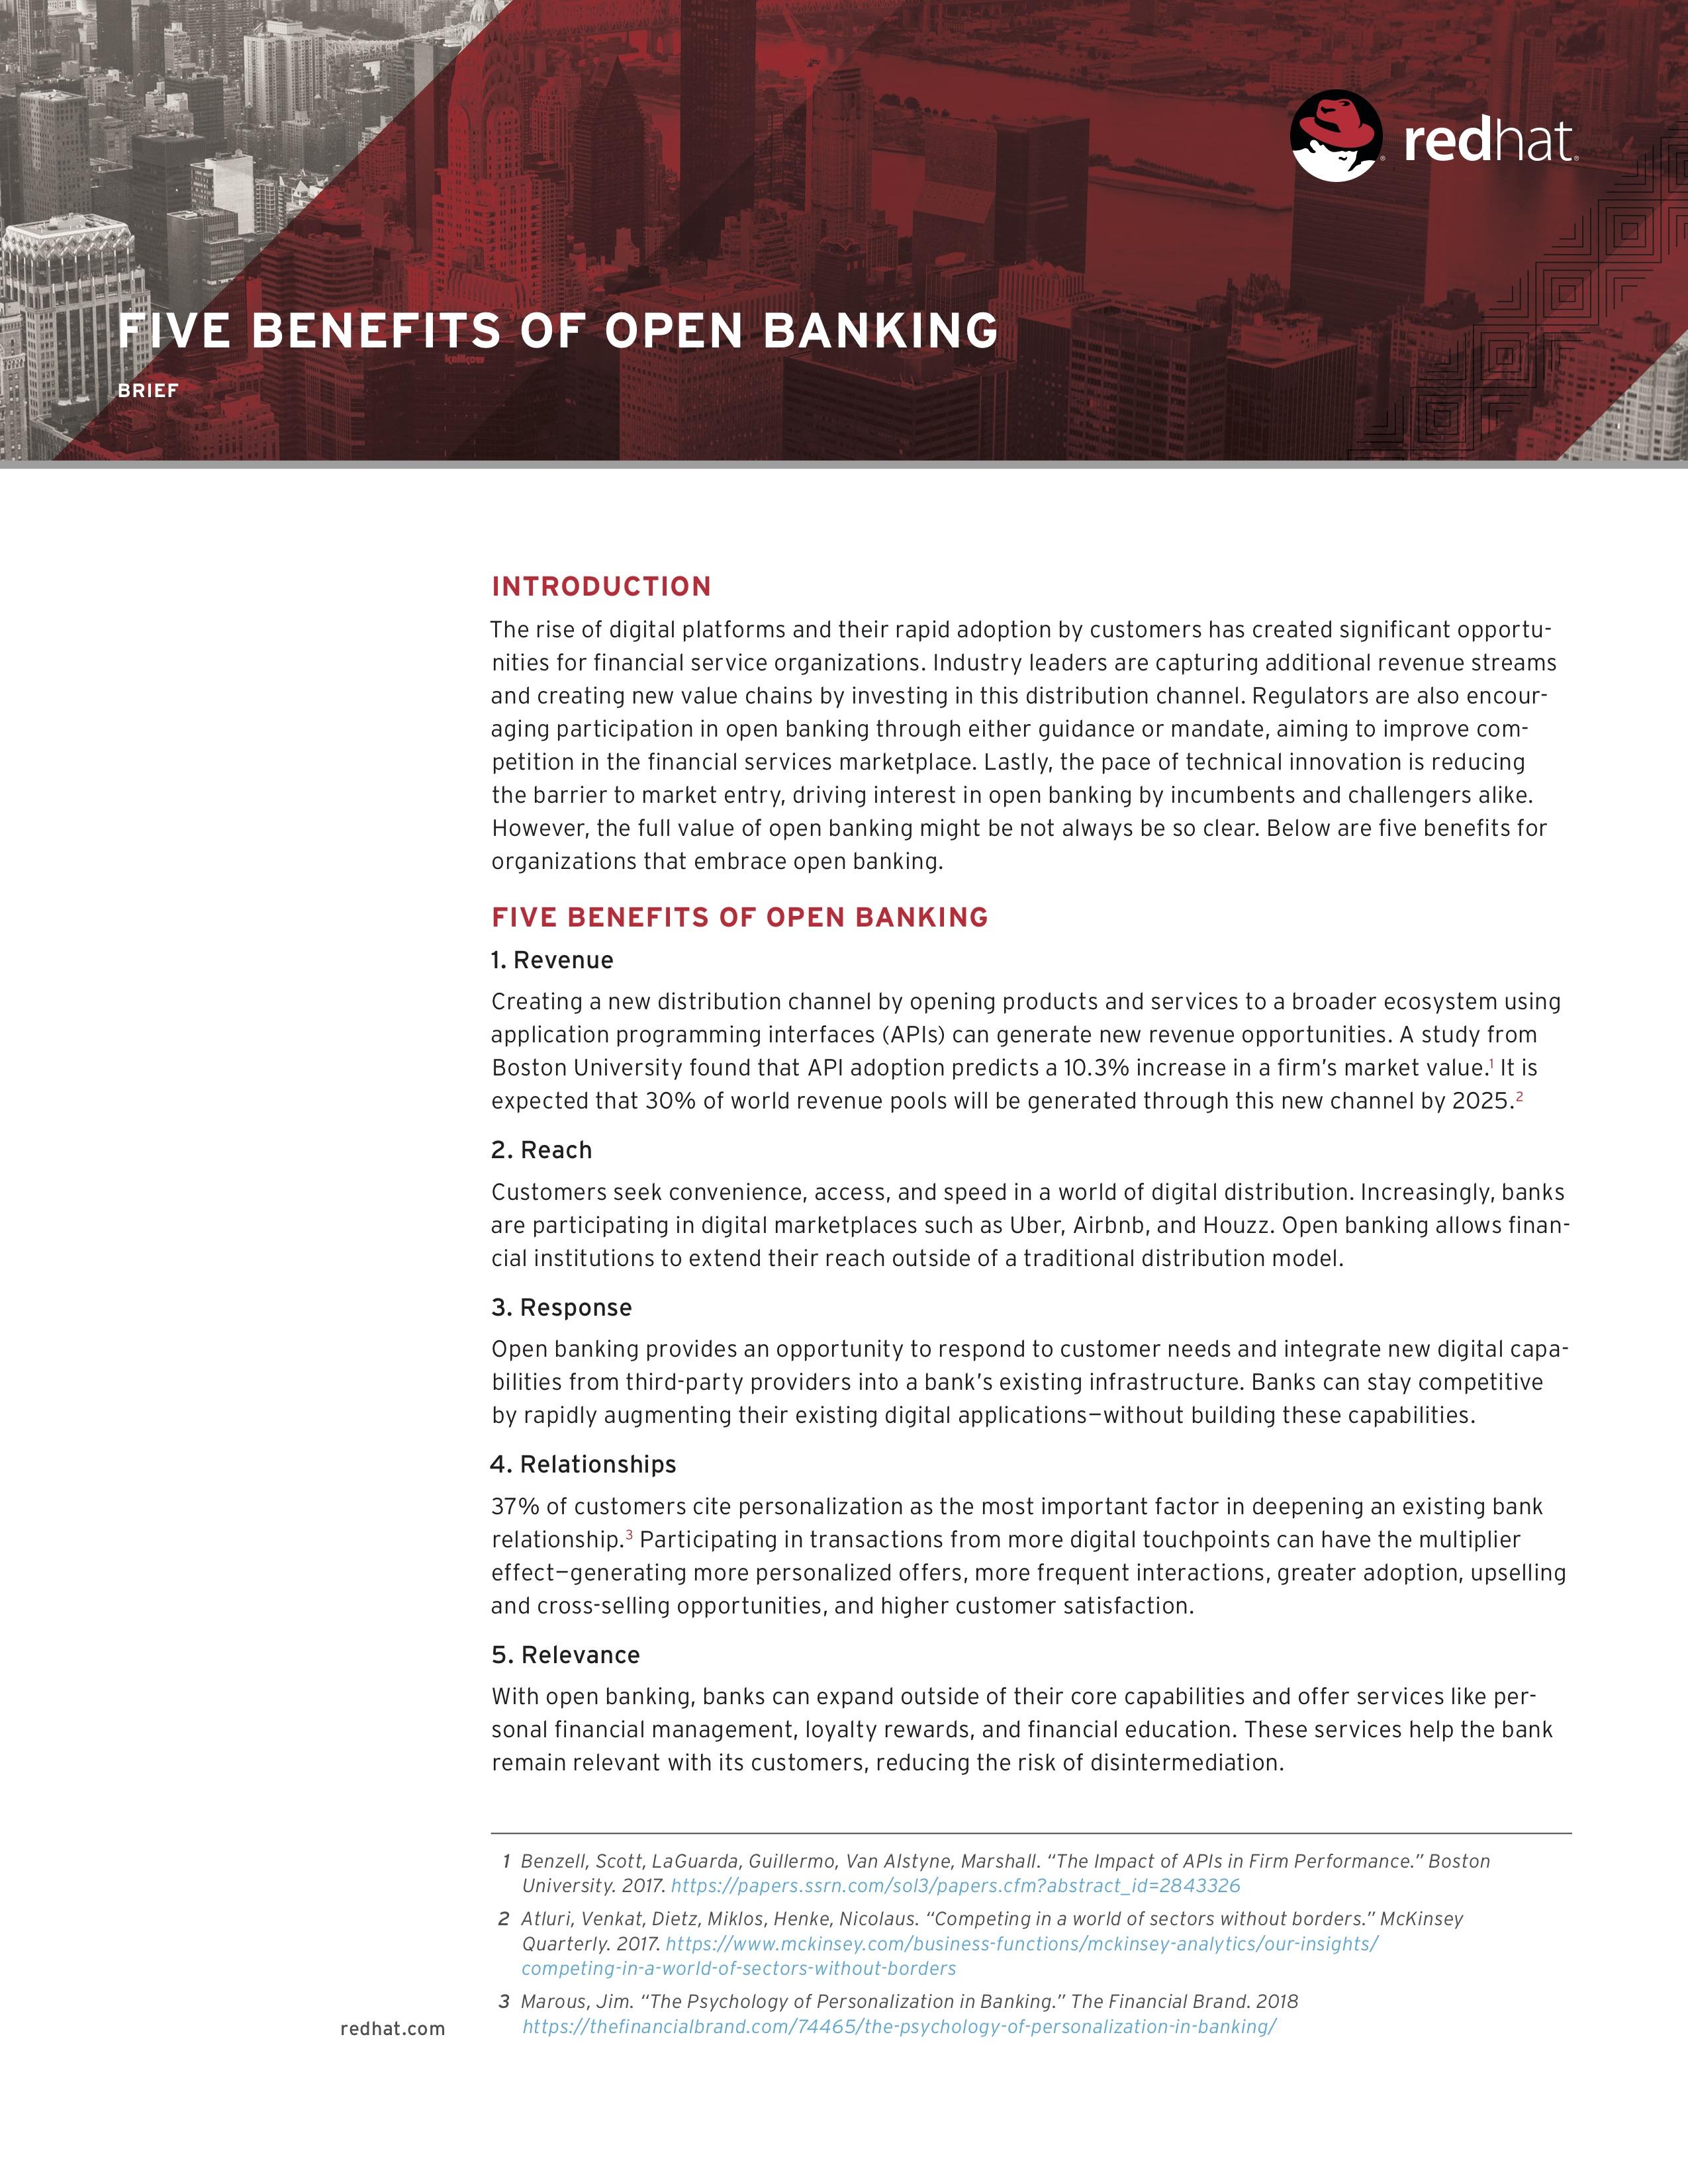 Ve five benefits of open banking brief f14365wg 201810 en